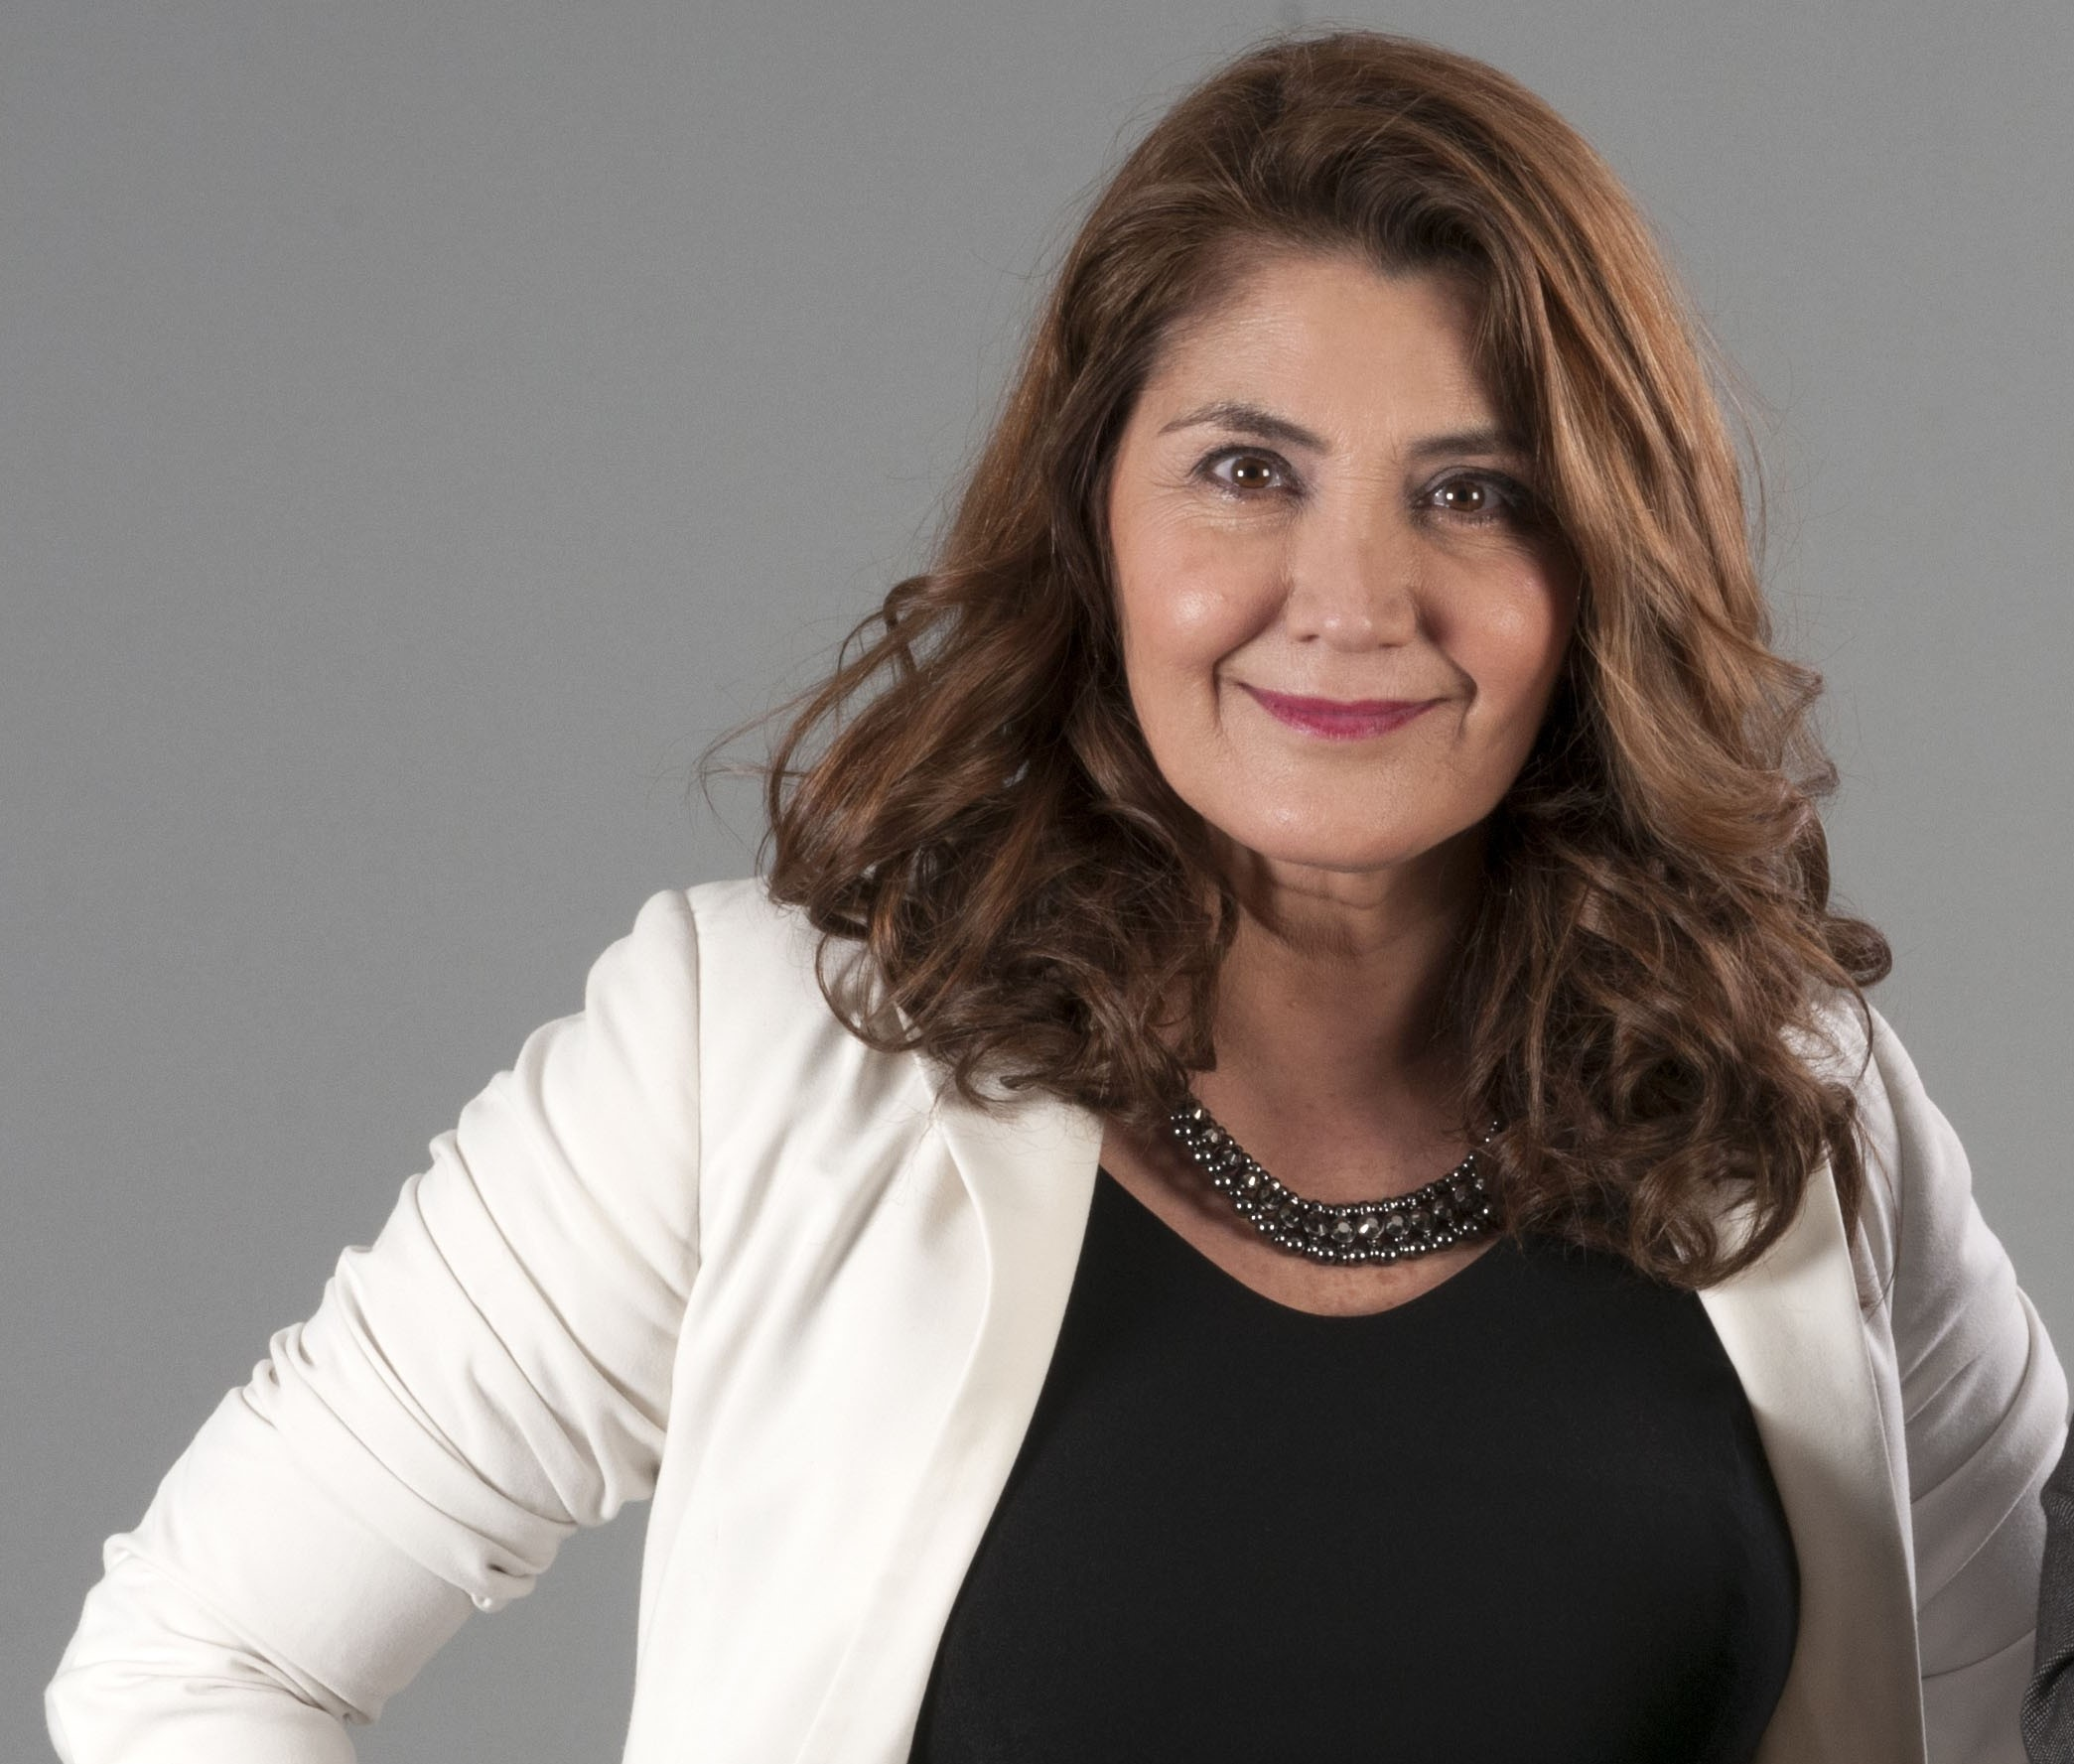 Verónica Franco a 30 años del plebiscito: «La gente más joven da tan por descontada la democracia y no hay que darla»